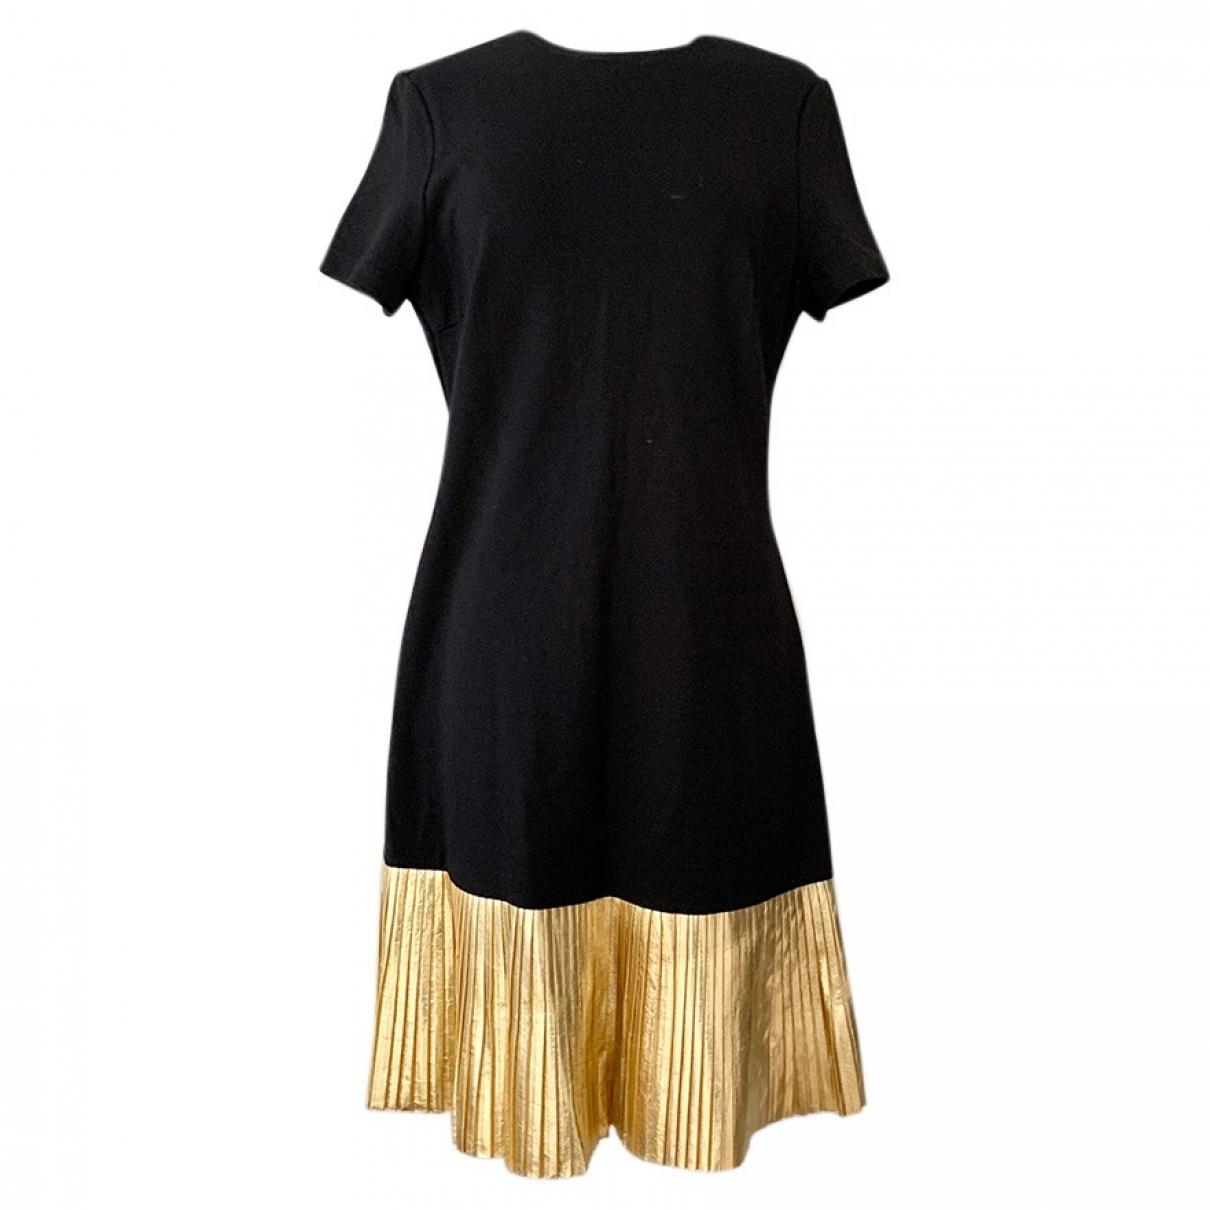 Markus Lupfer \N Kleid in  Schwarz Viskose